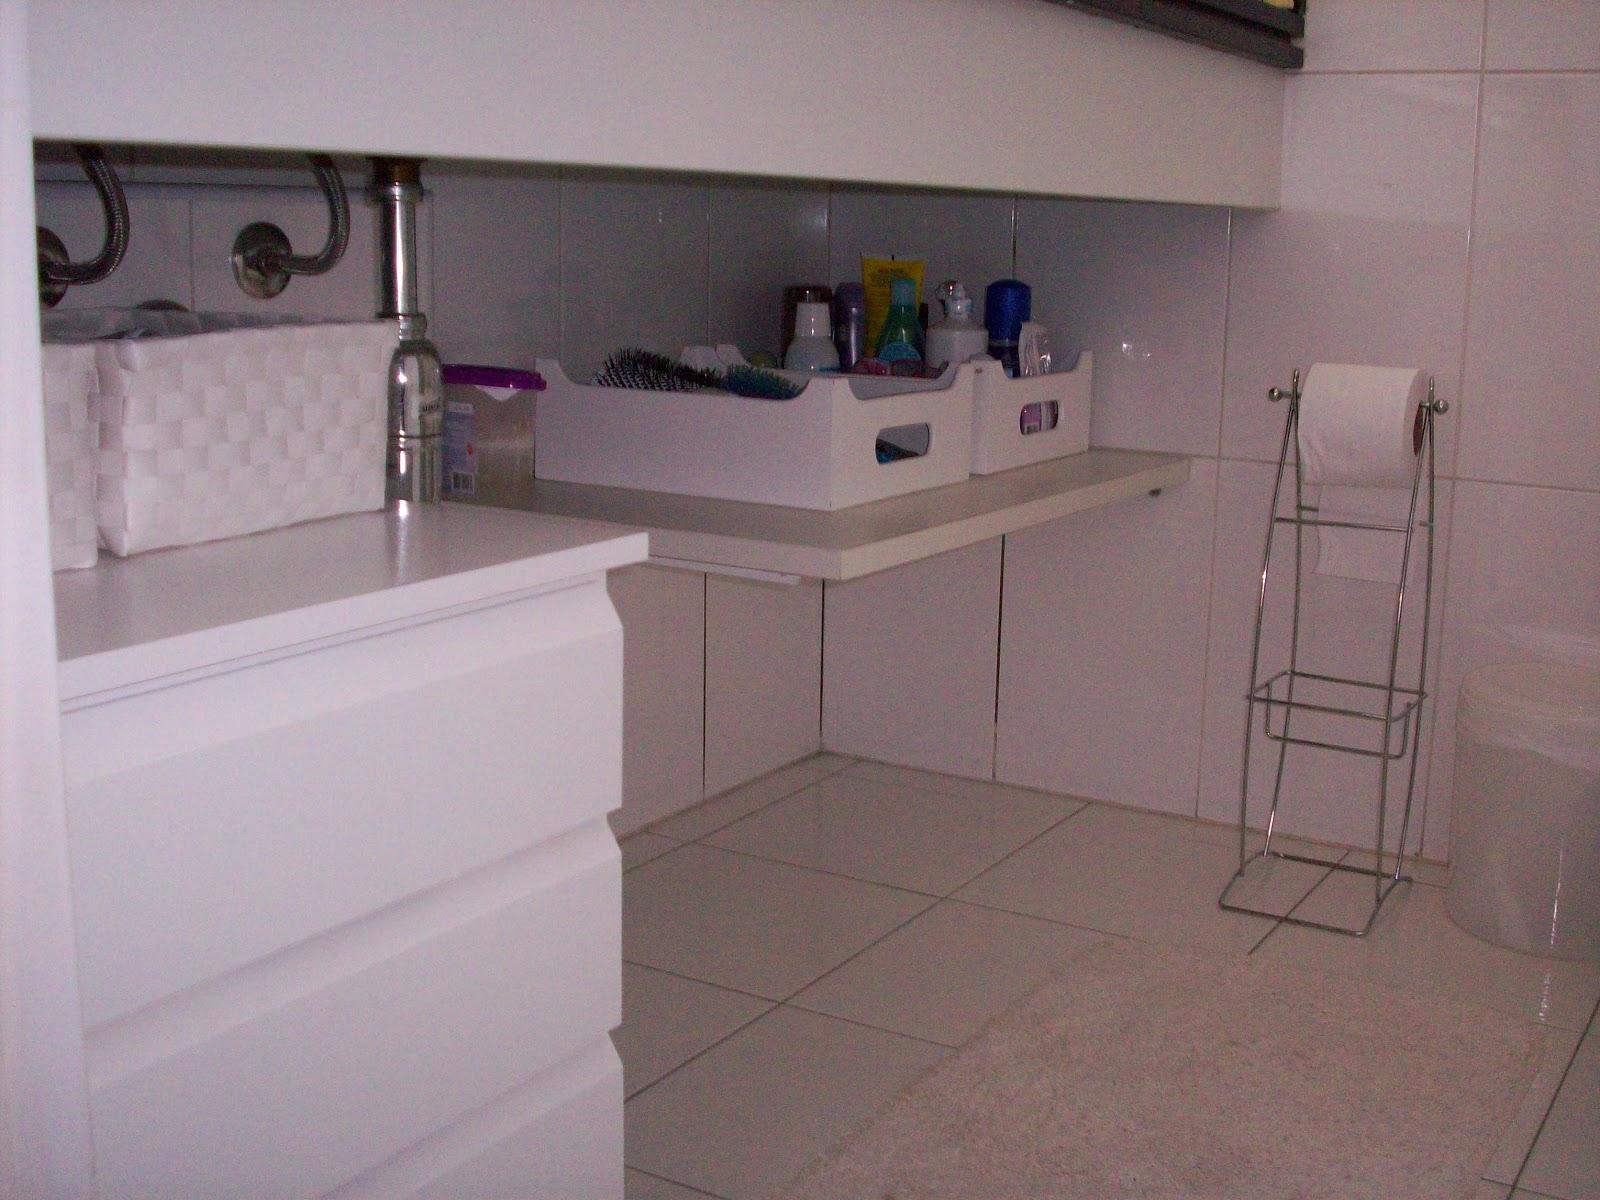 Carla Romanelli: Quick Design Pinheiros #695951 1600x1200 Bancada Banheiro Leroy Merlin